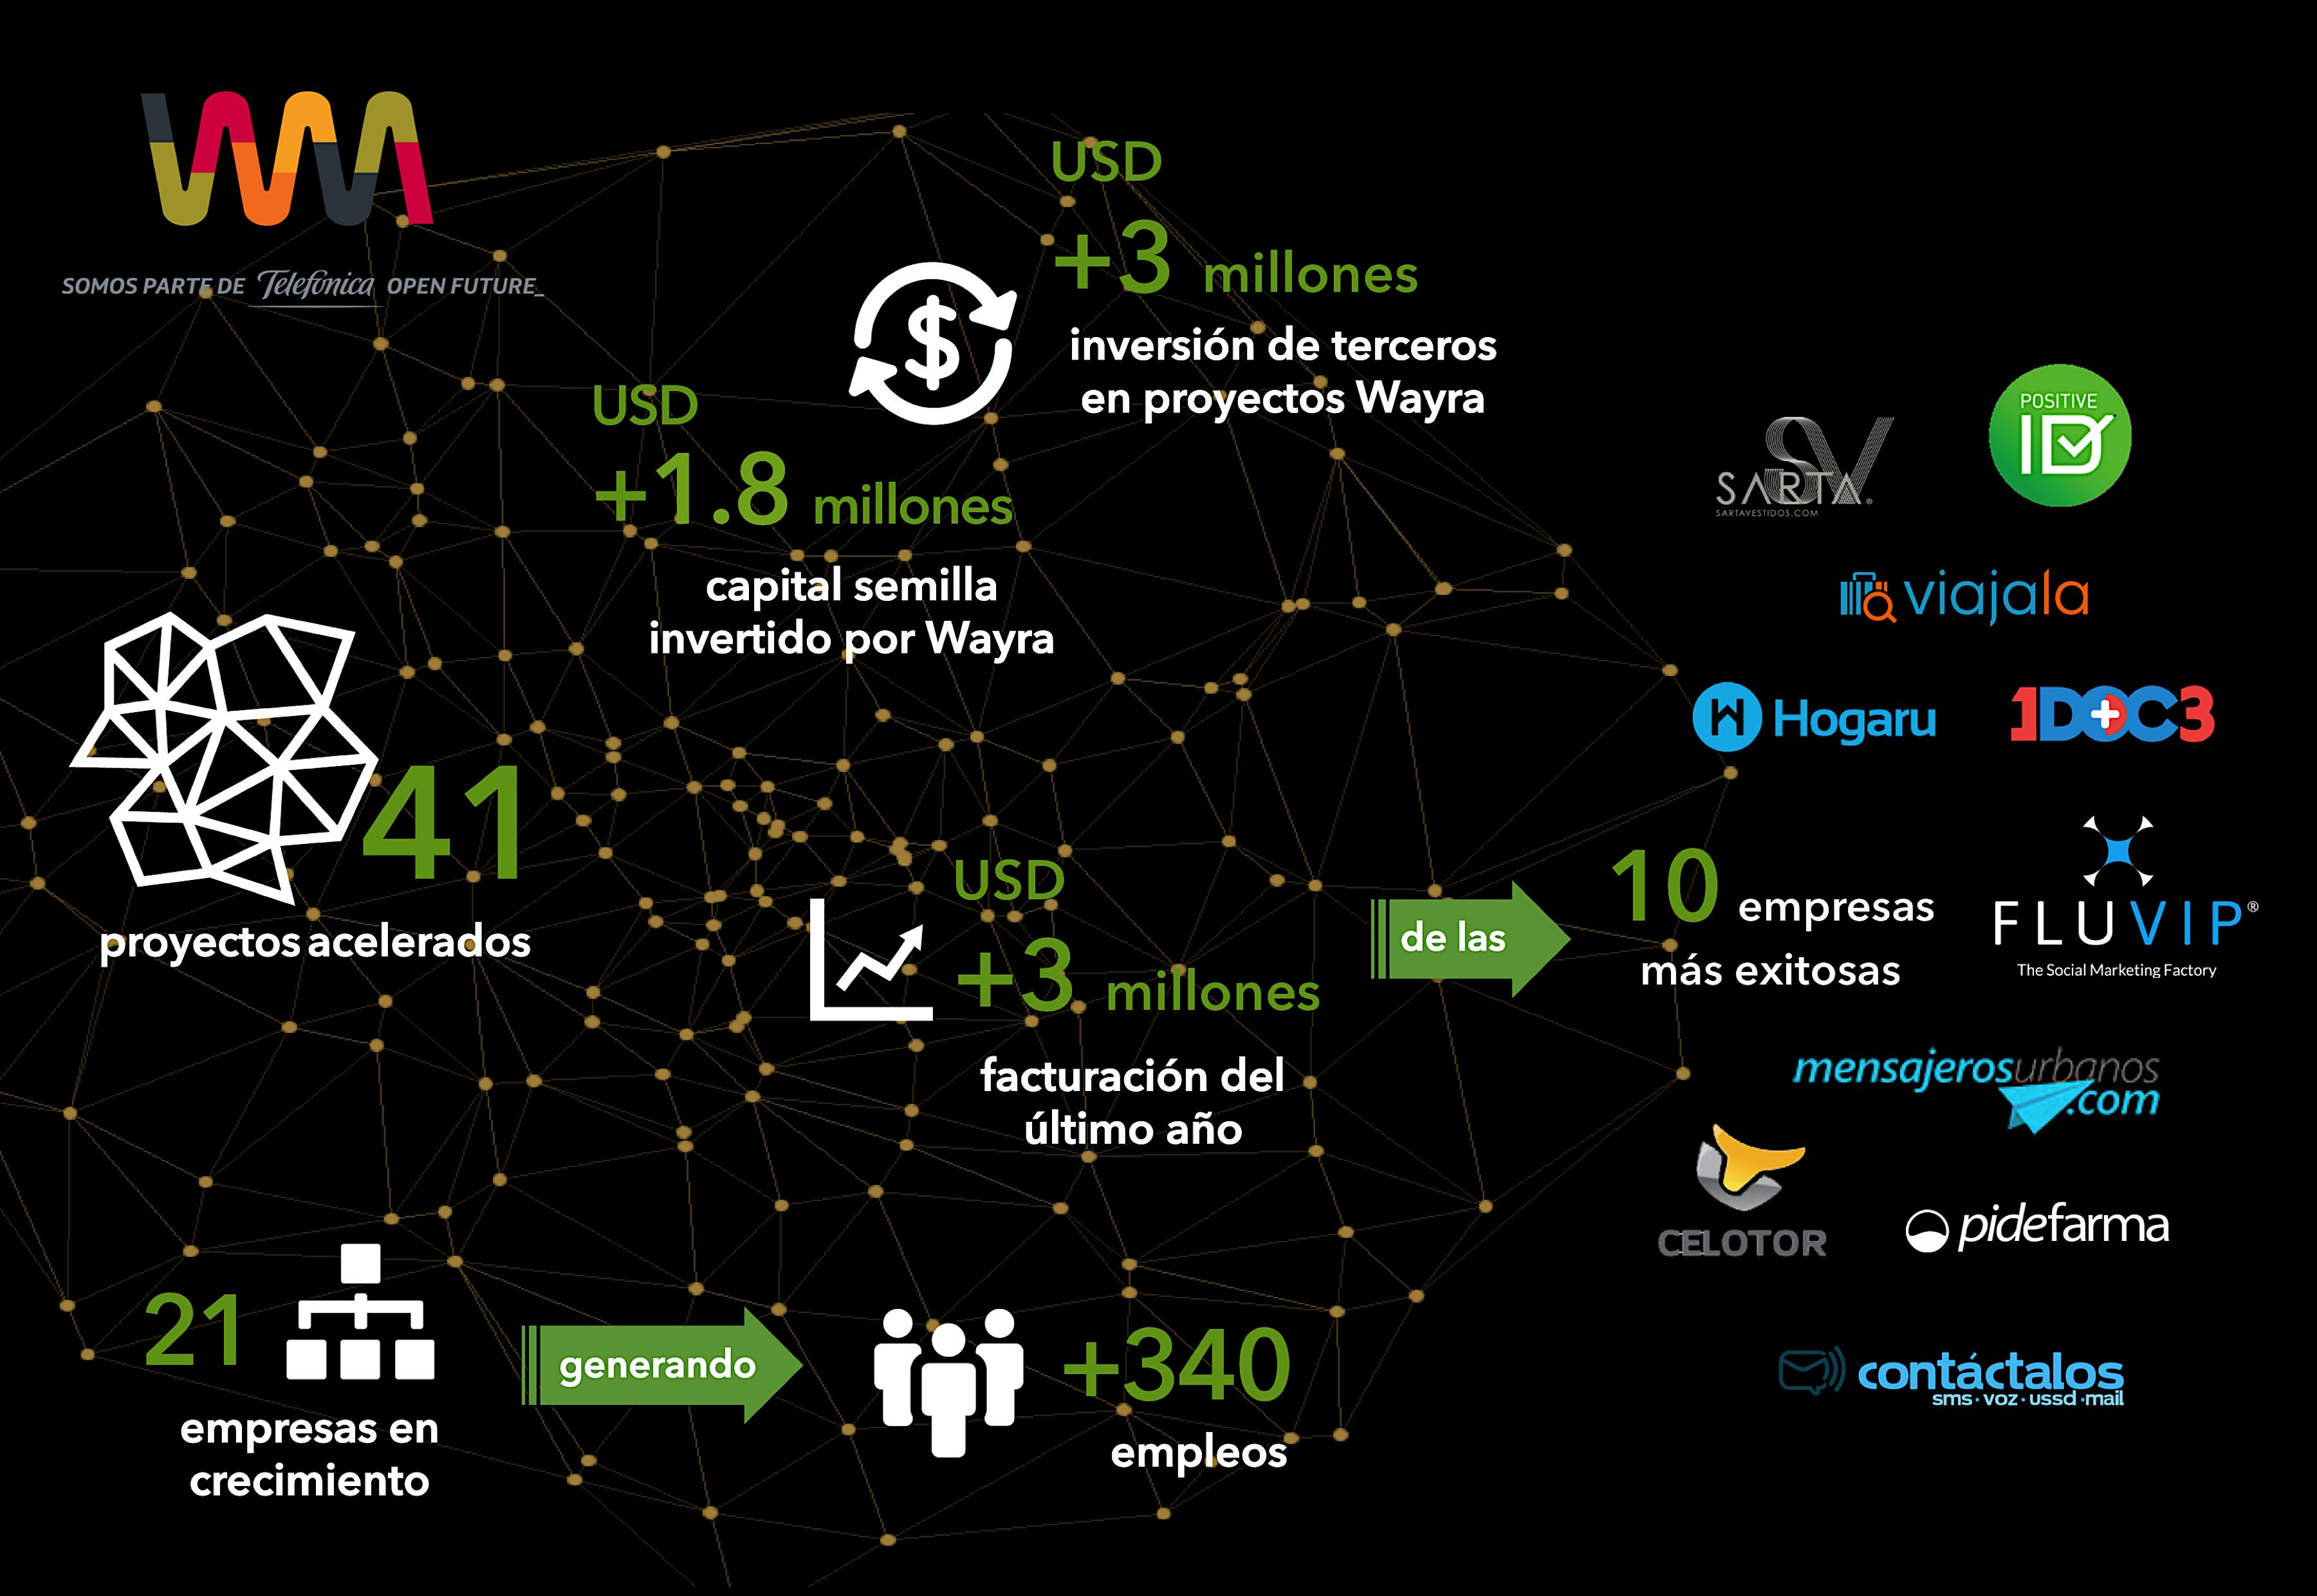 infografia-cifras-proyectos-wayra